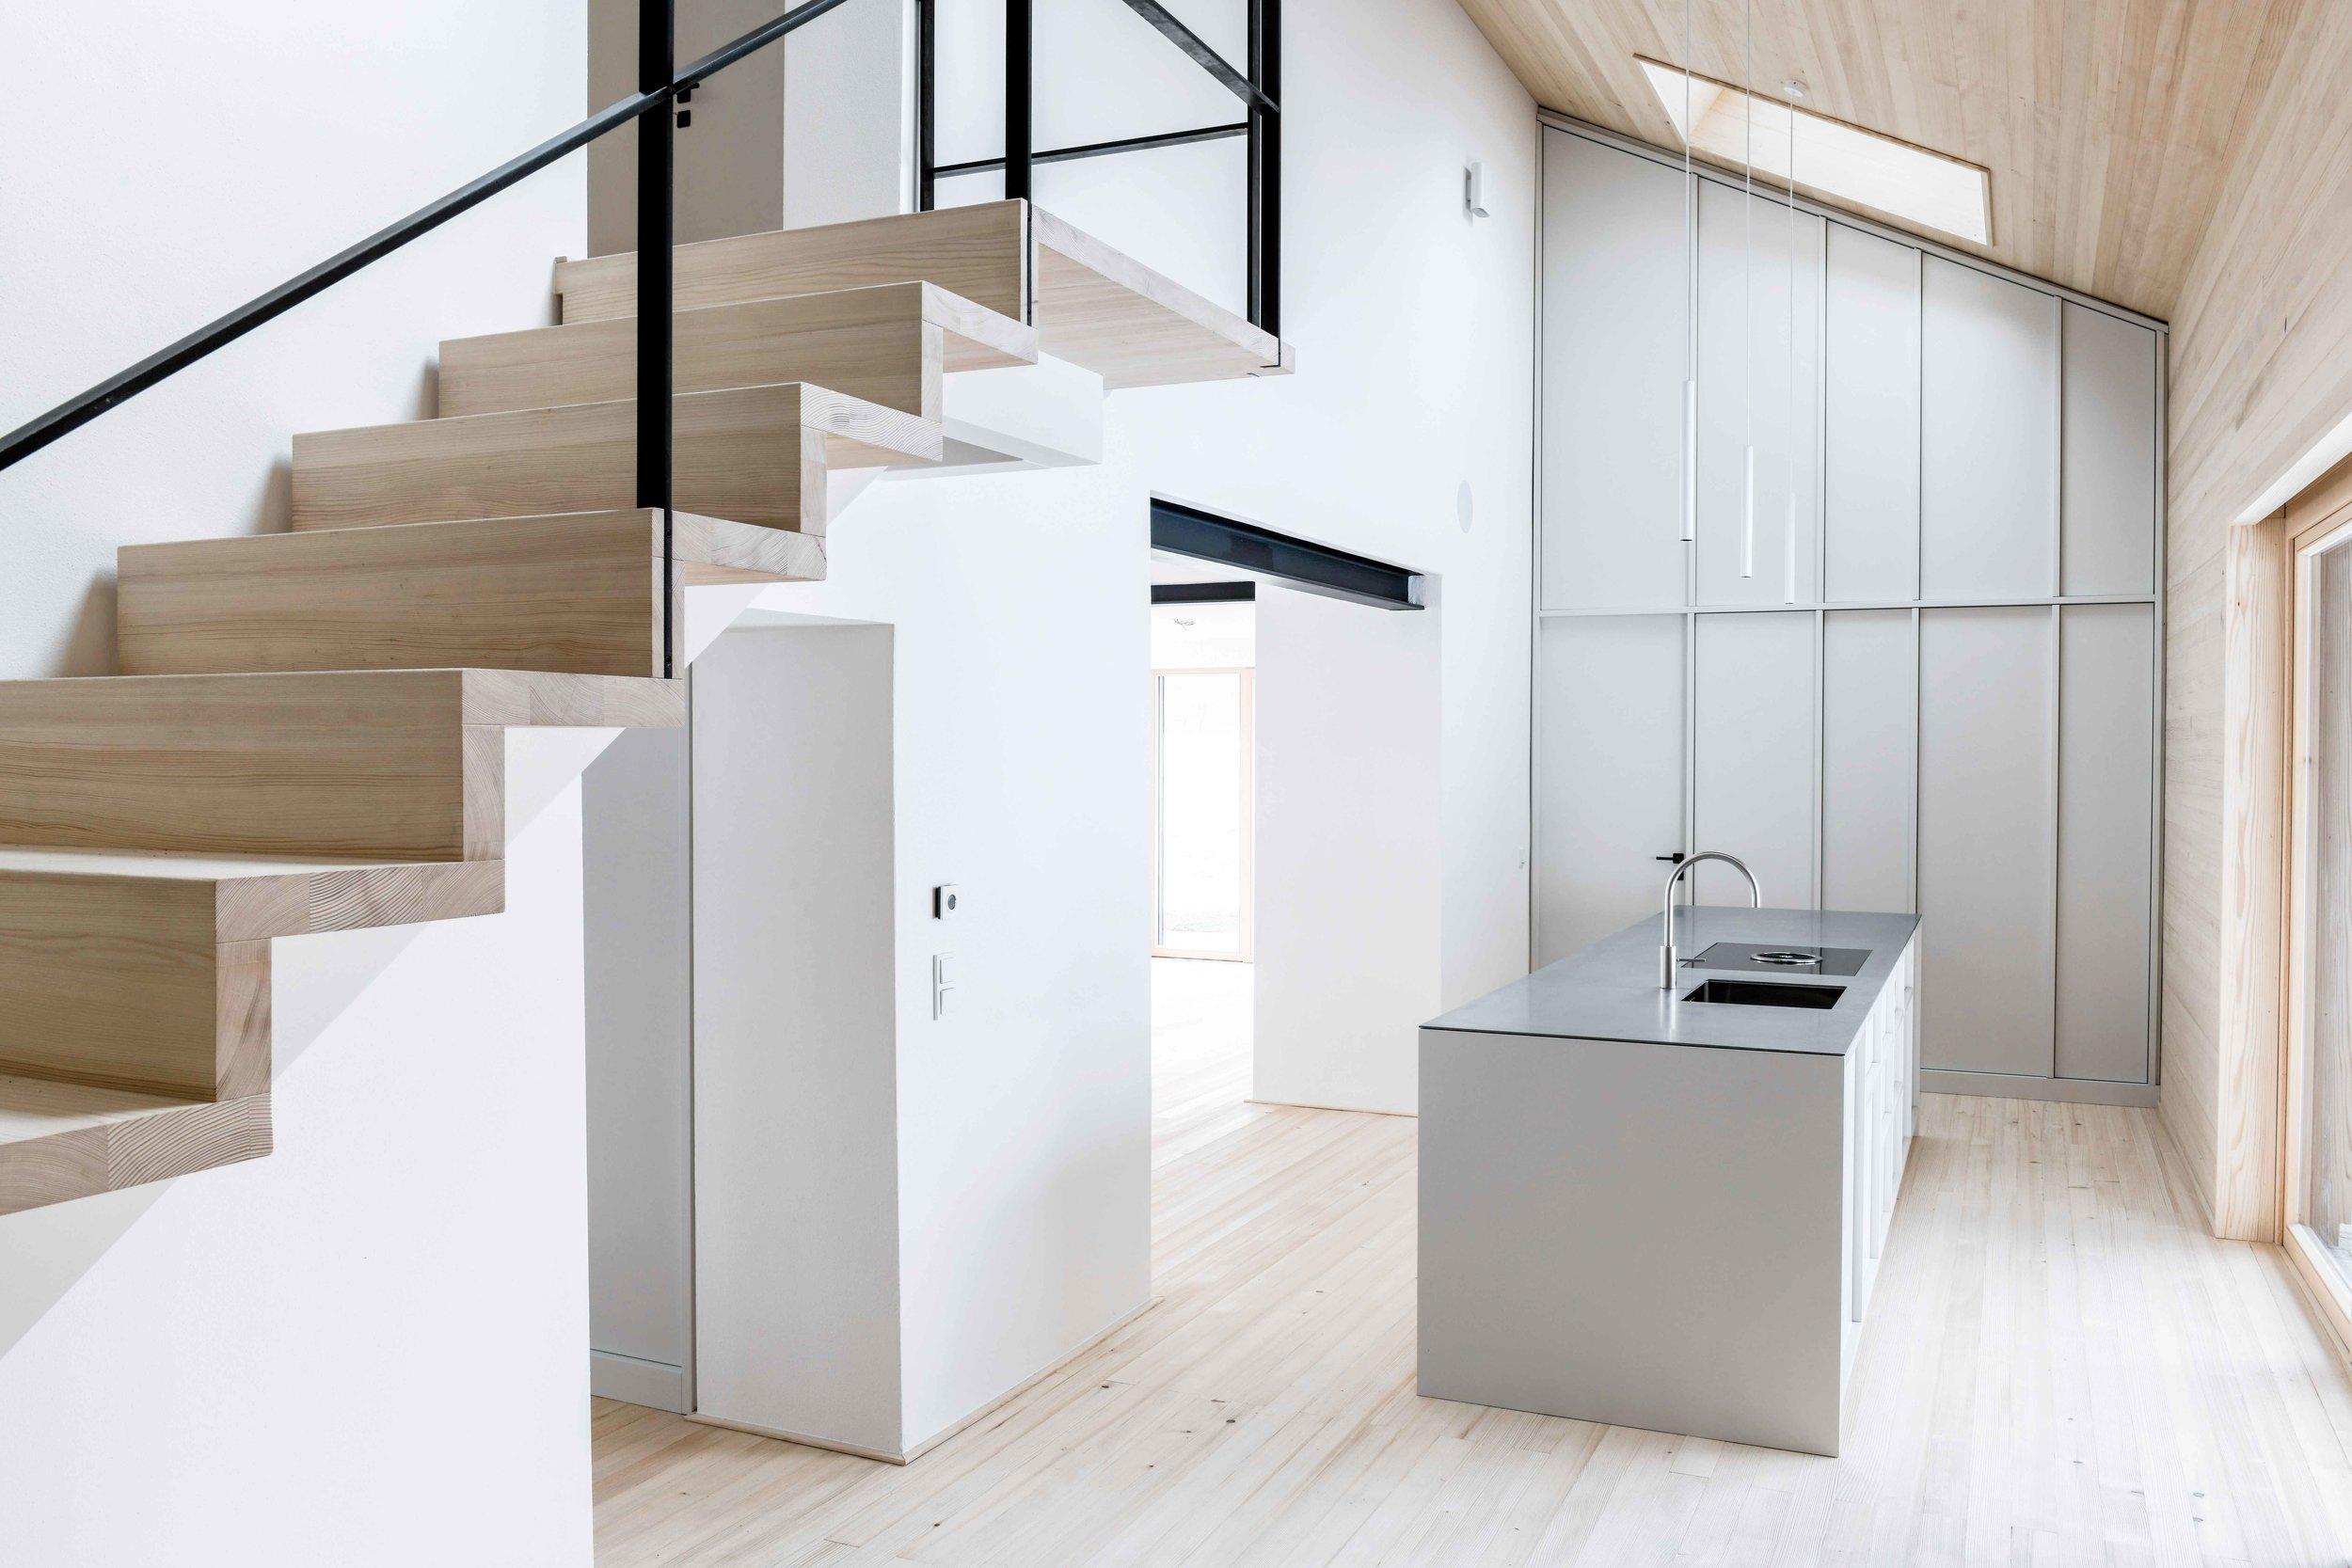 Buero Philipp Moeller-Bauernhaus-Sanierung-Waschhaus3.jpg